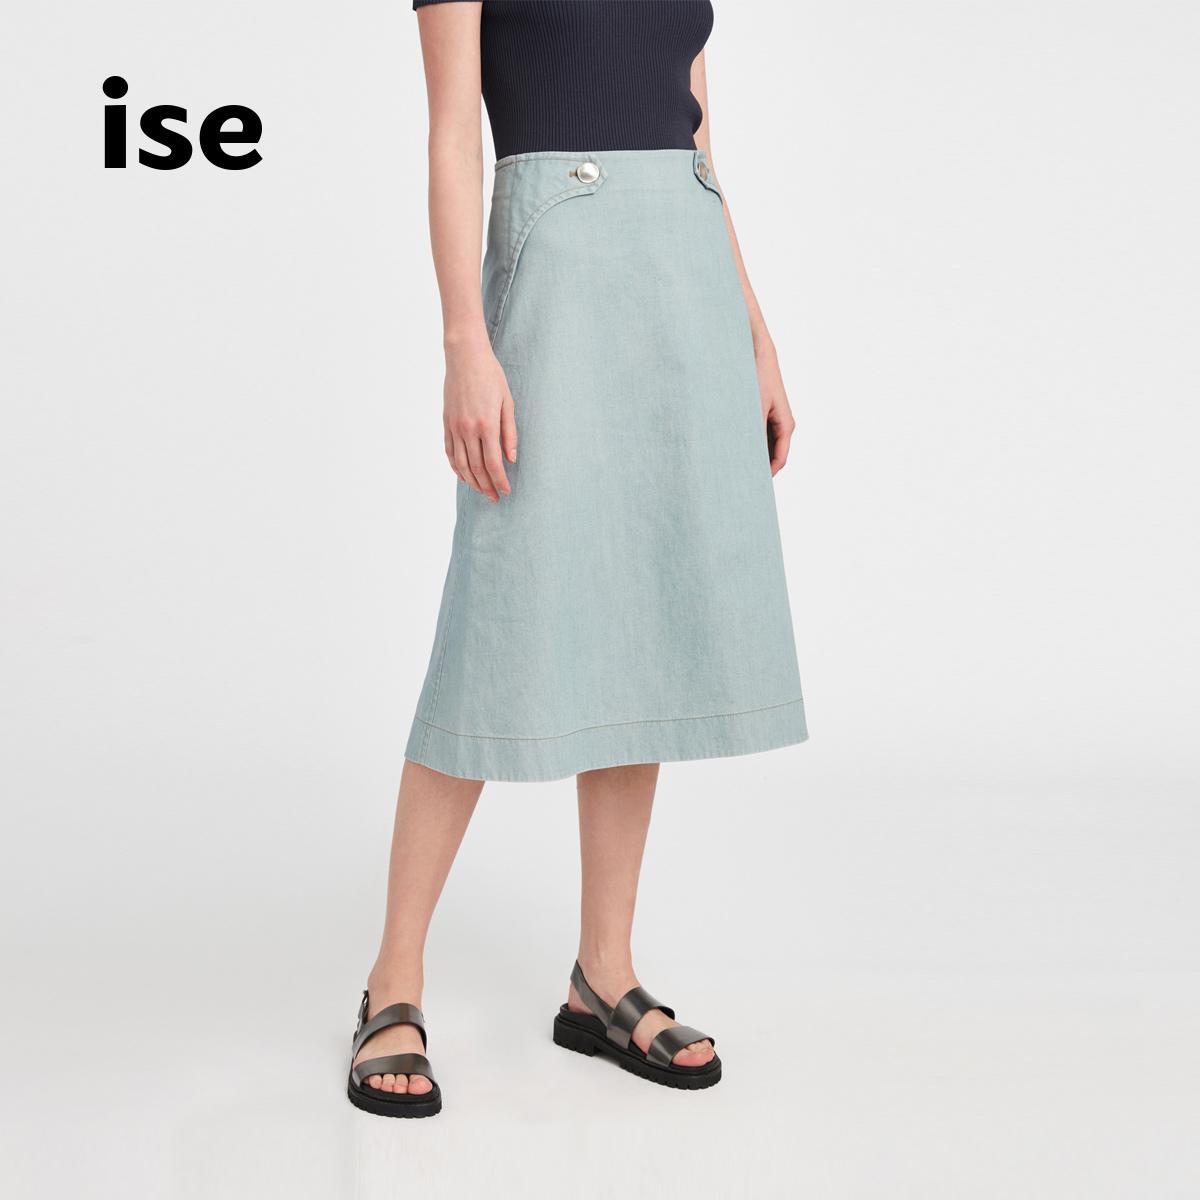 外贸牛仔半身裙 ise  新款牛仔色棉质半身裙中长款女士半裙显瘦N1920513_推荐淘宝好看的牛仔半身裙